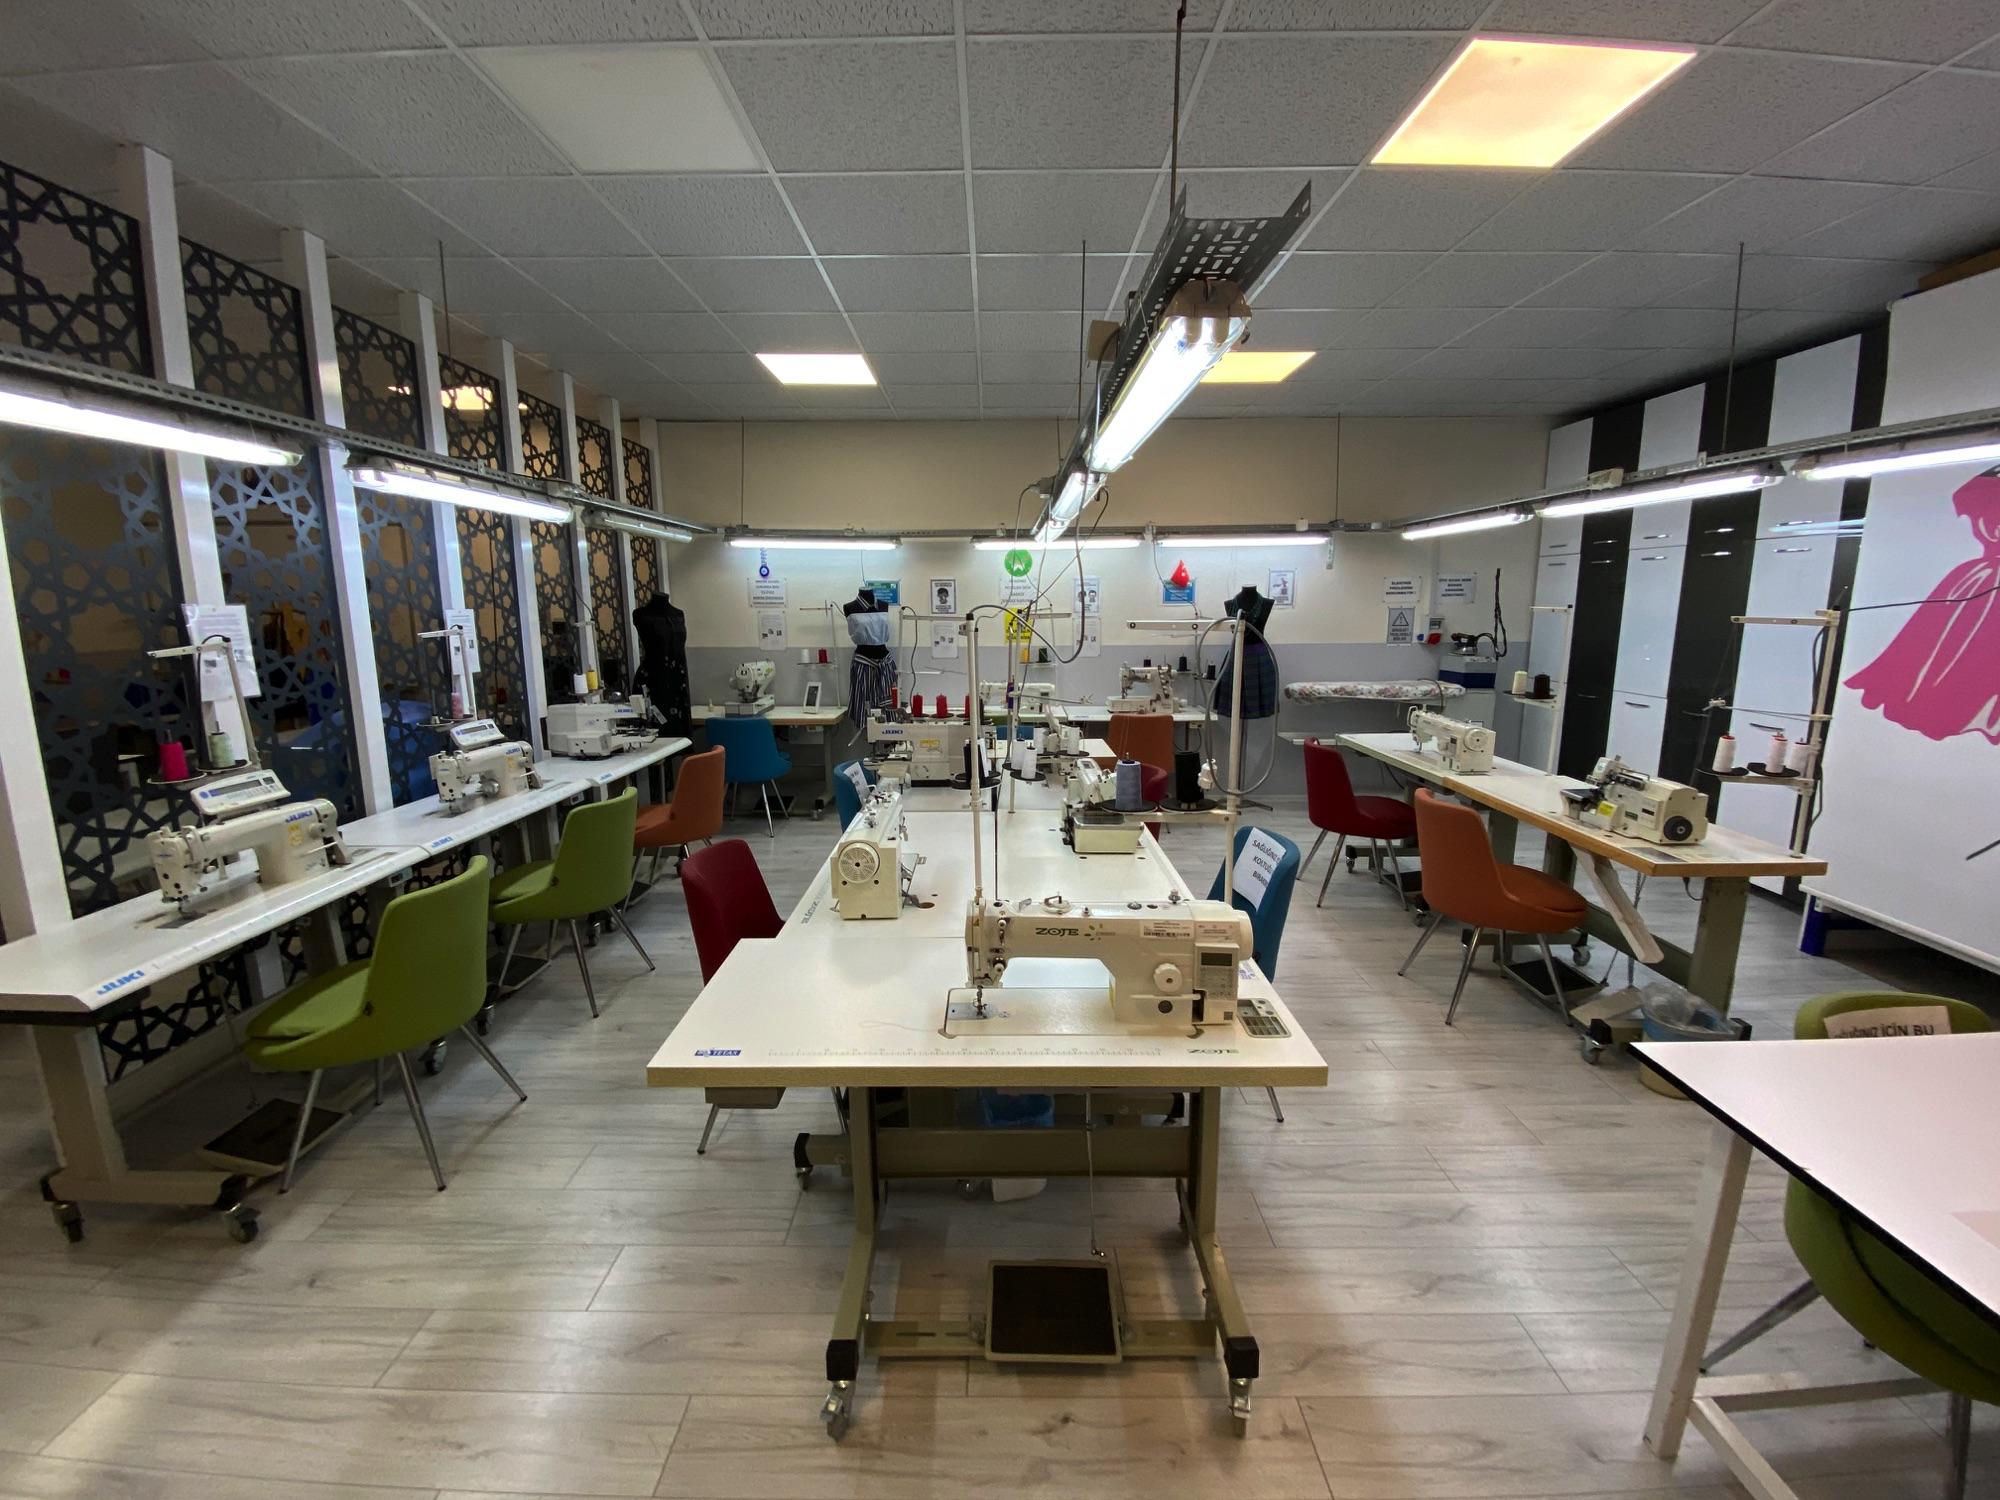 Konak Özel Eğitim Meslek Okulu Giyim Üretim Teknolojileri Atölyesi